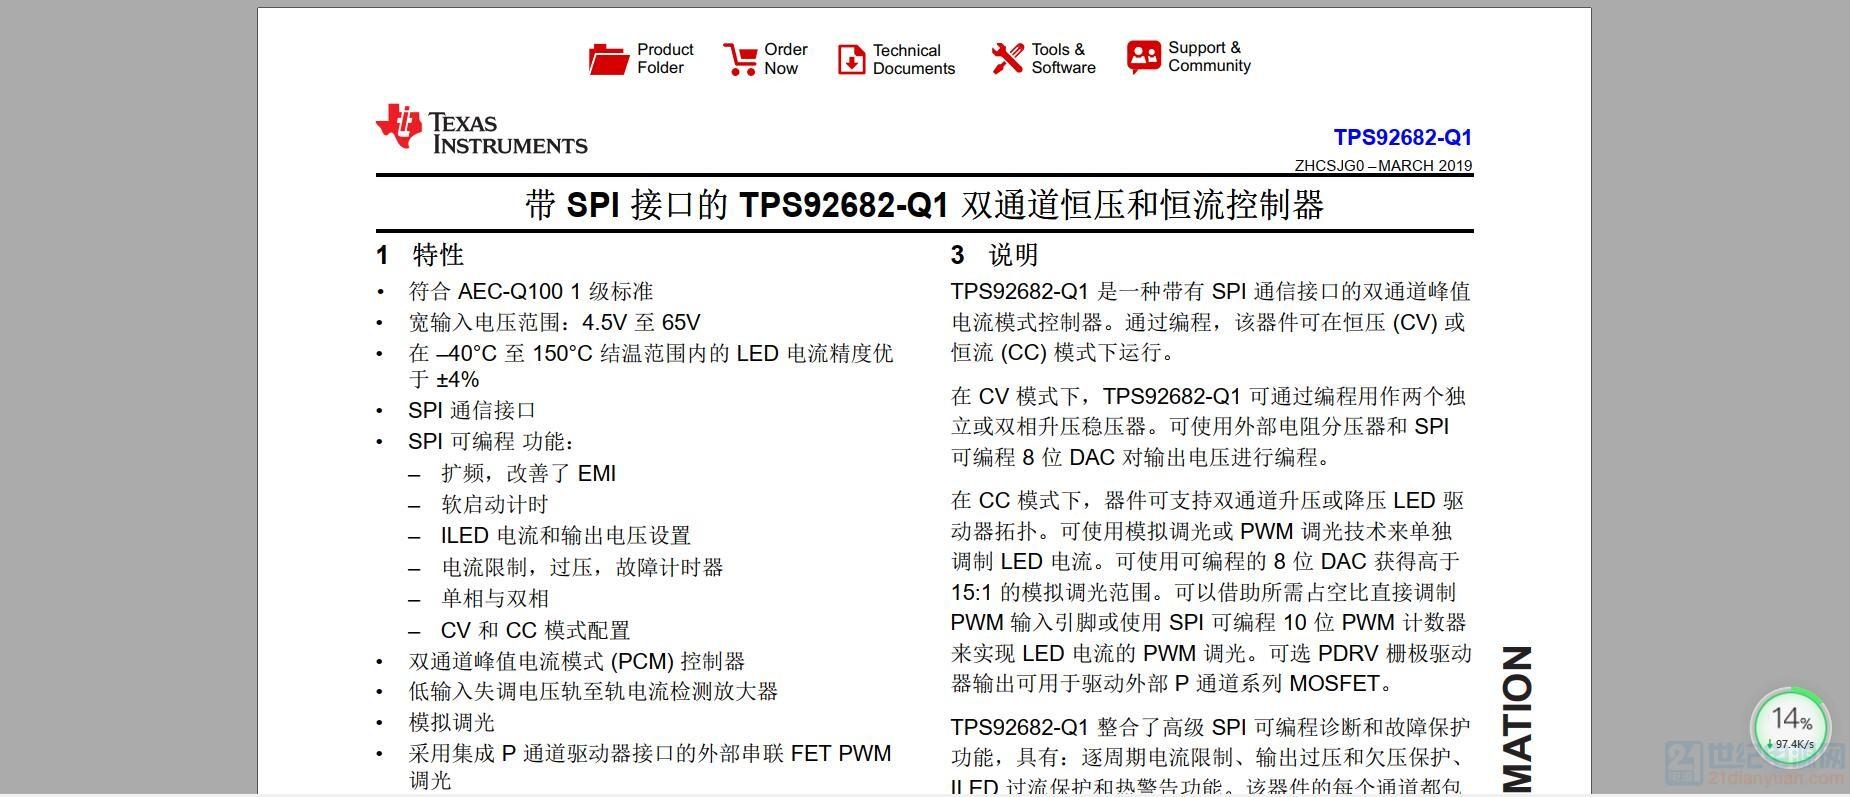 K6A5MV3GDR$]`HF$4BBQ$7A.jpg